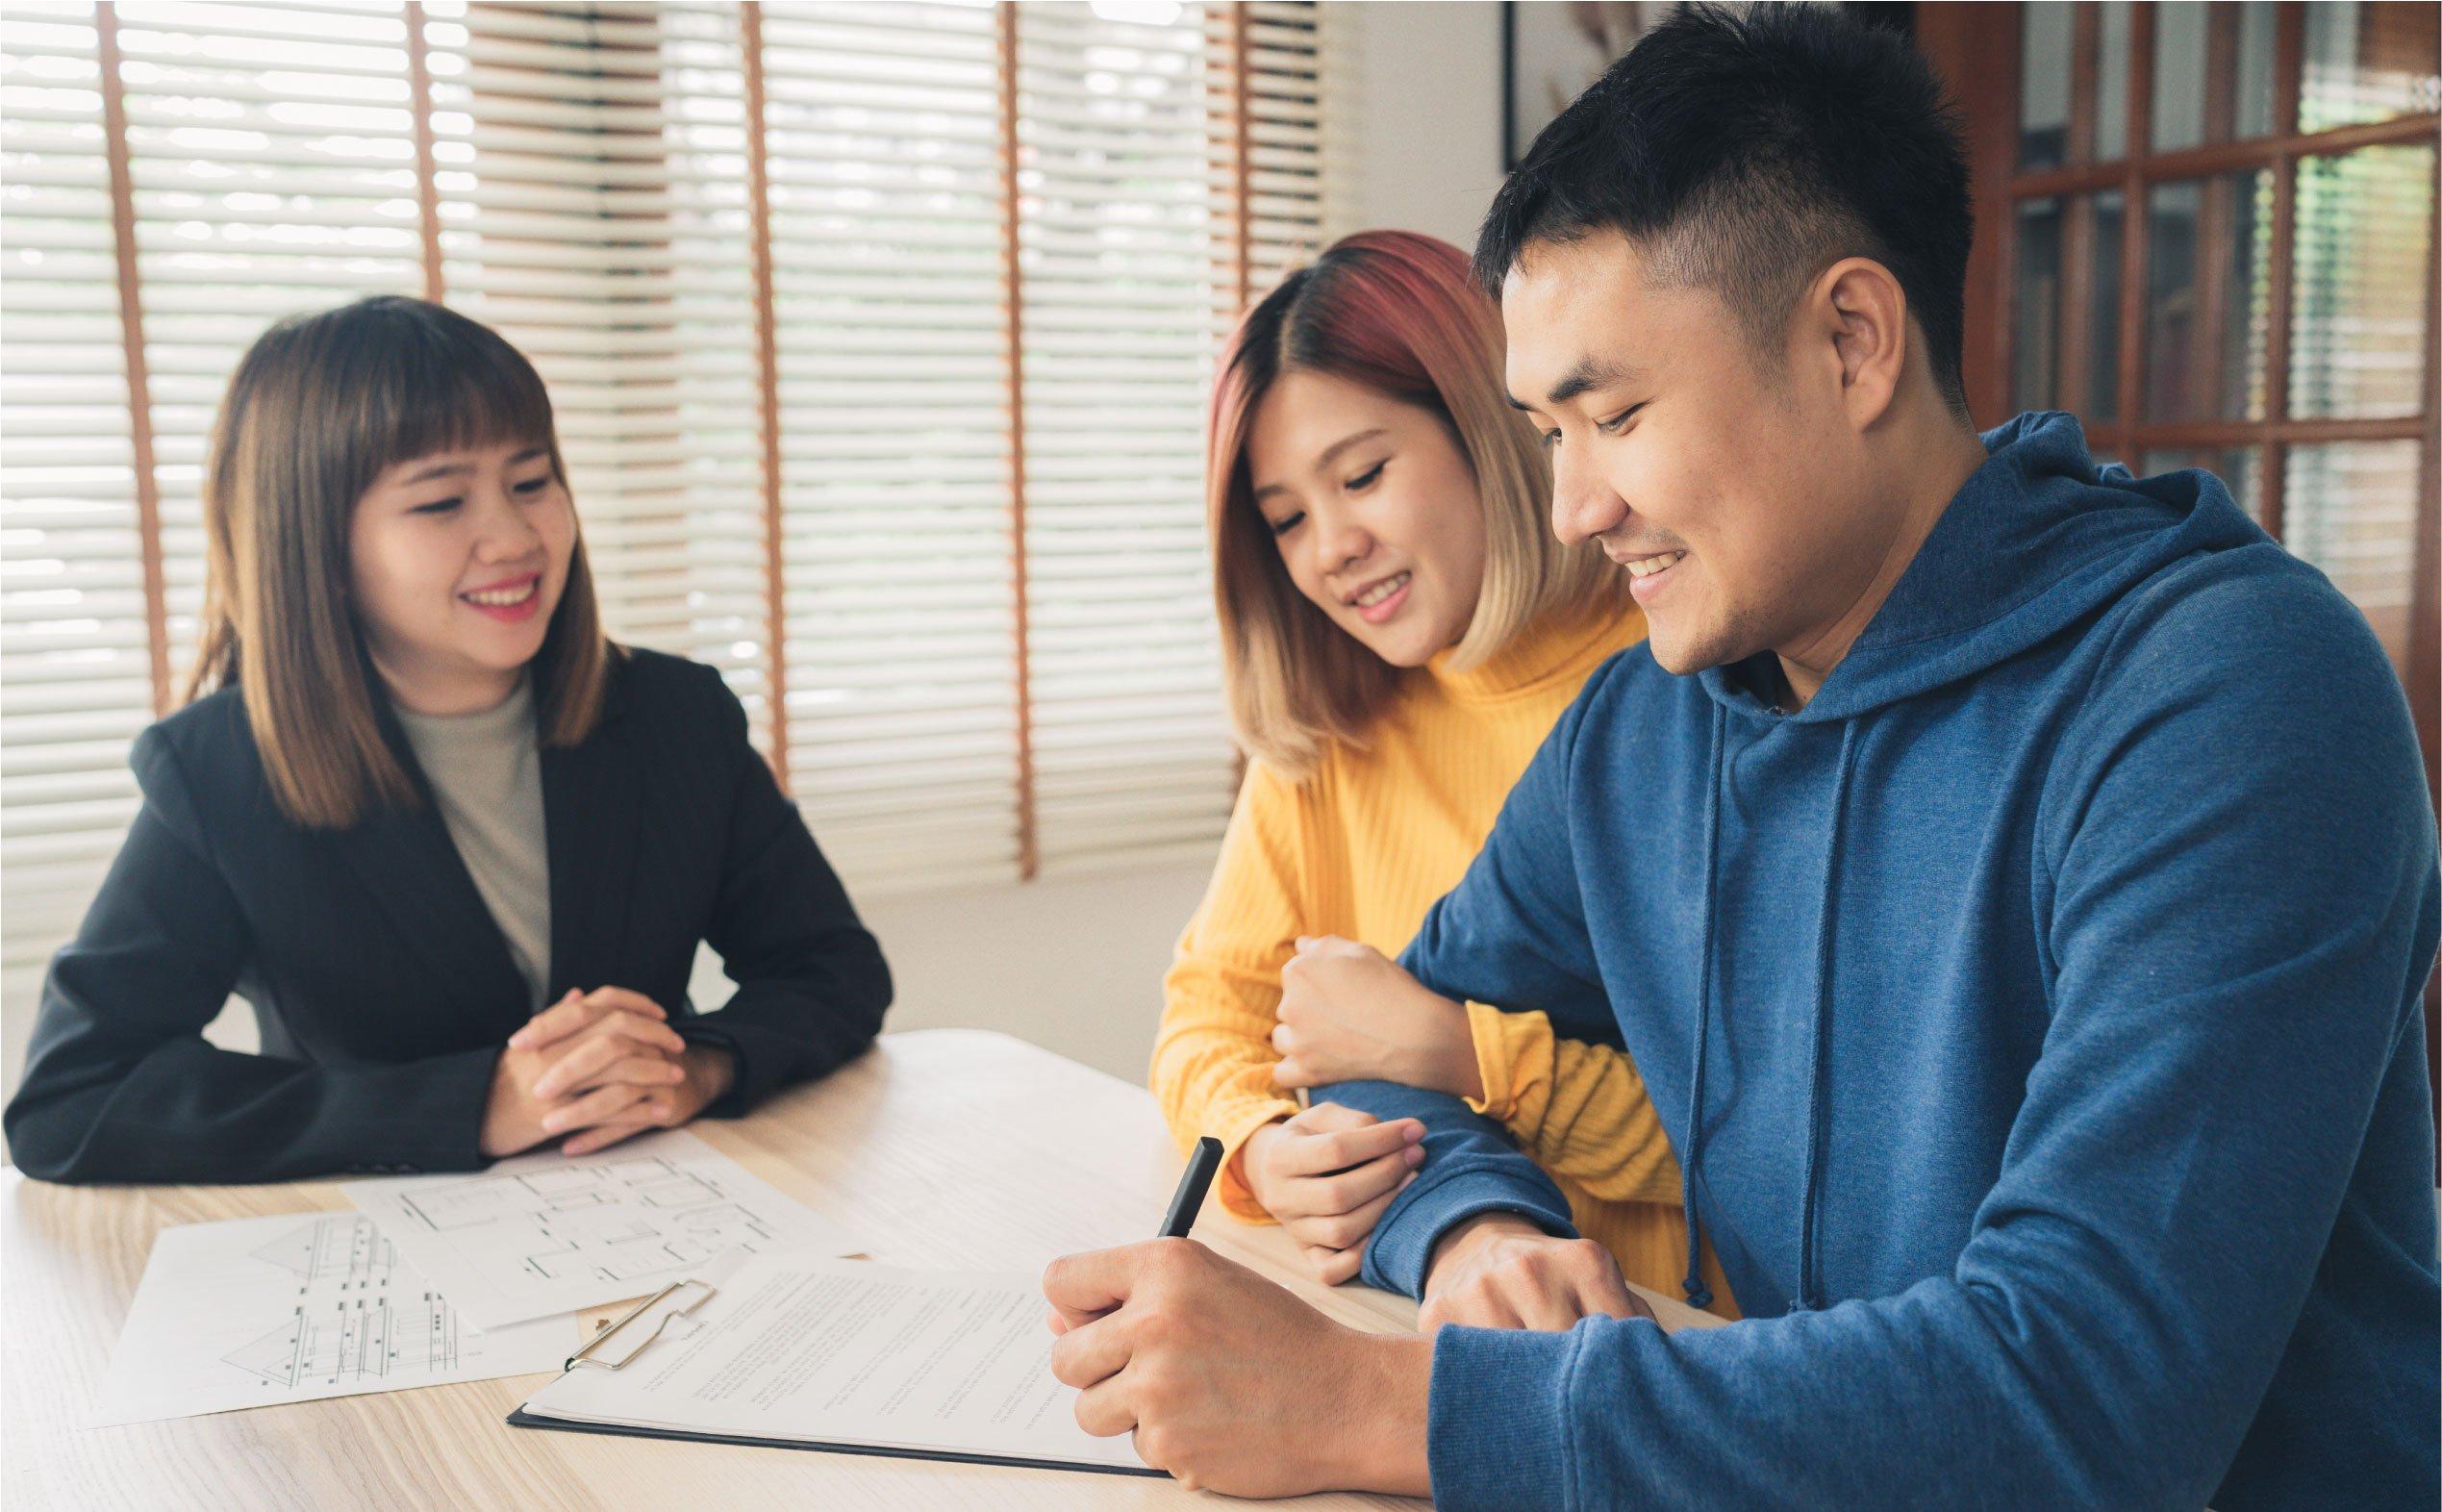 Mách mẹo hay giúp bạn tiết kiệm chi phí khi tham gia bảo hiểm nhân thọ - Ảnh 2.